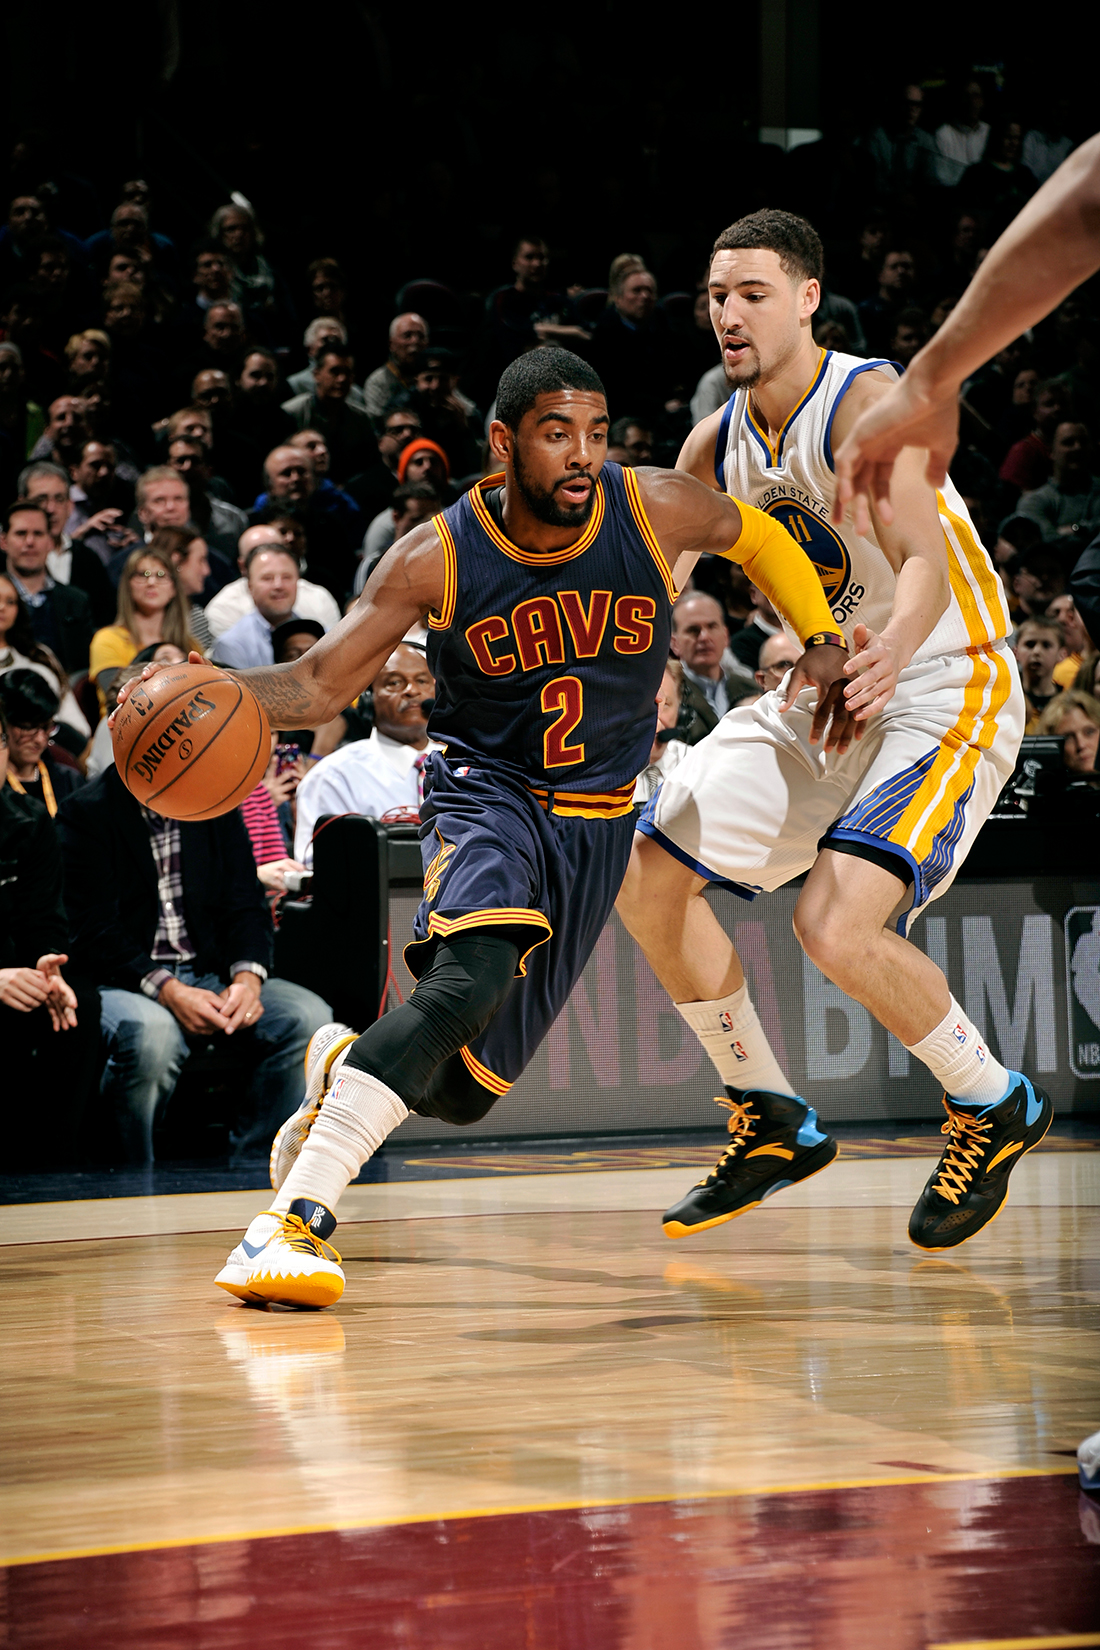 Irving  y Thompson en duda  para el Juego 1 por viva basquet